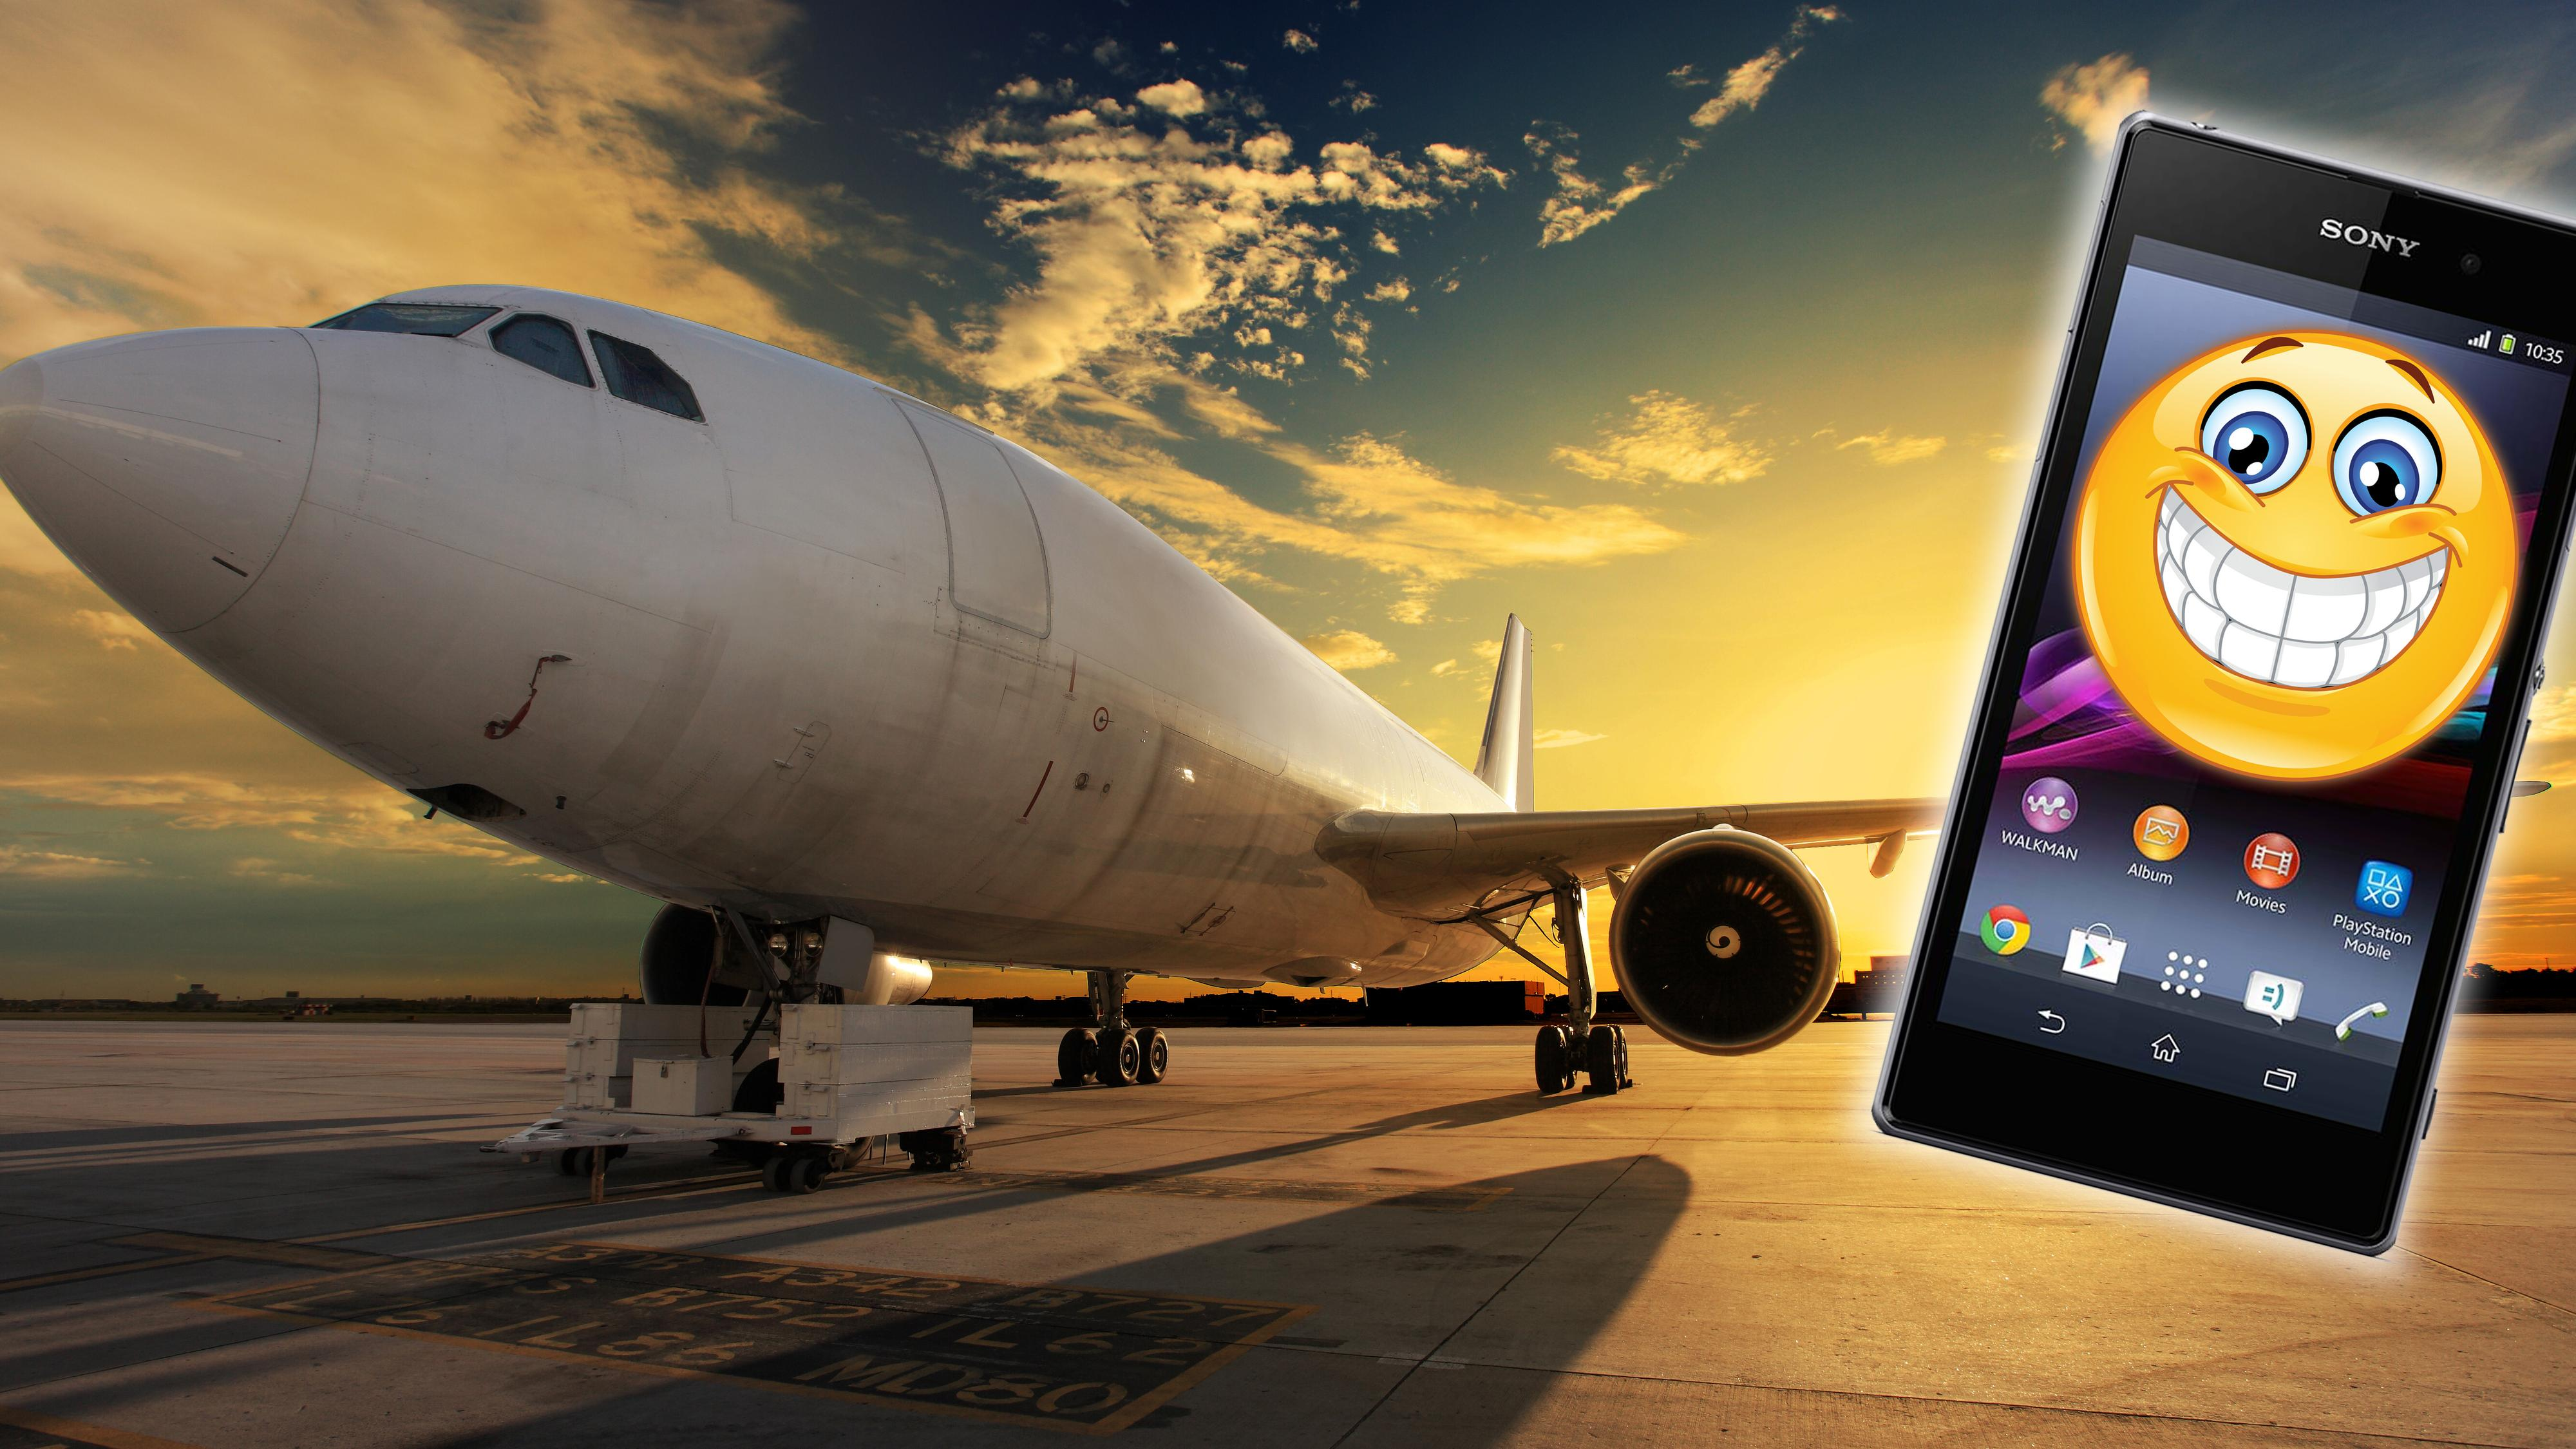 Snart letter USA på mobilreglene i fly